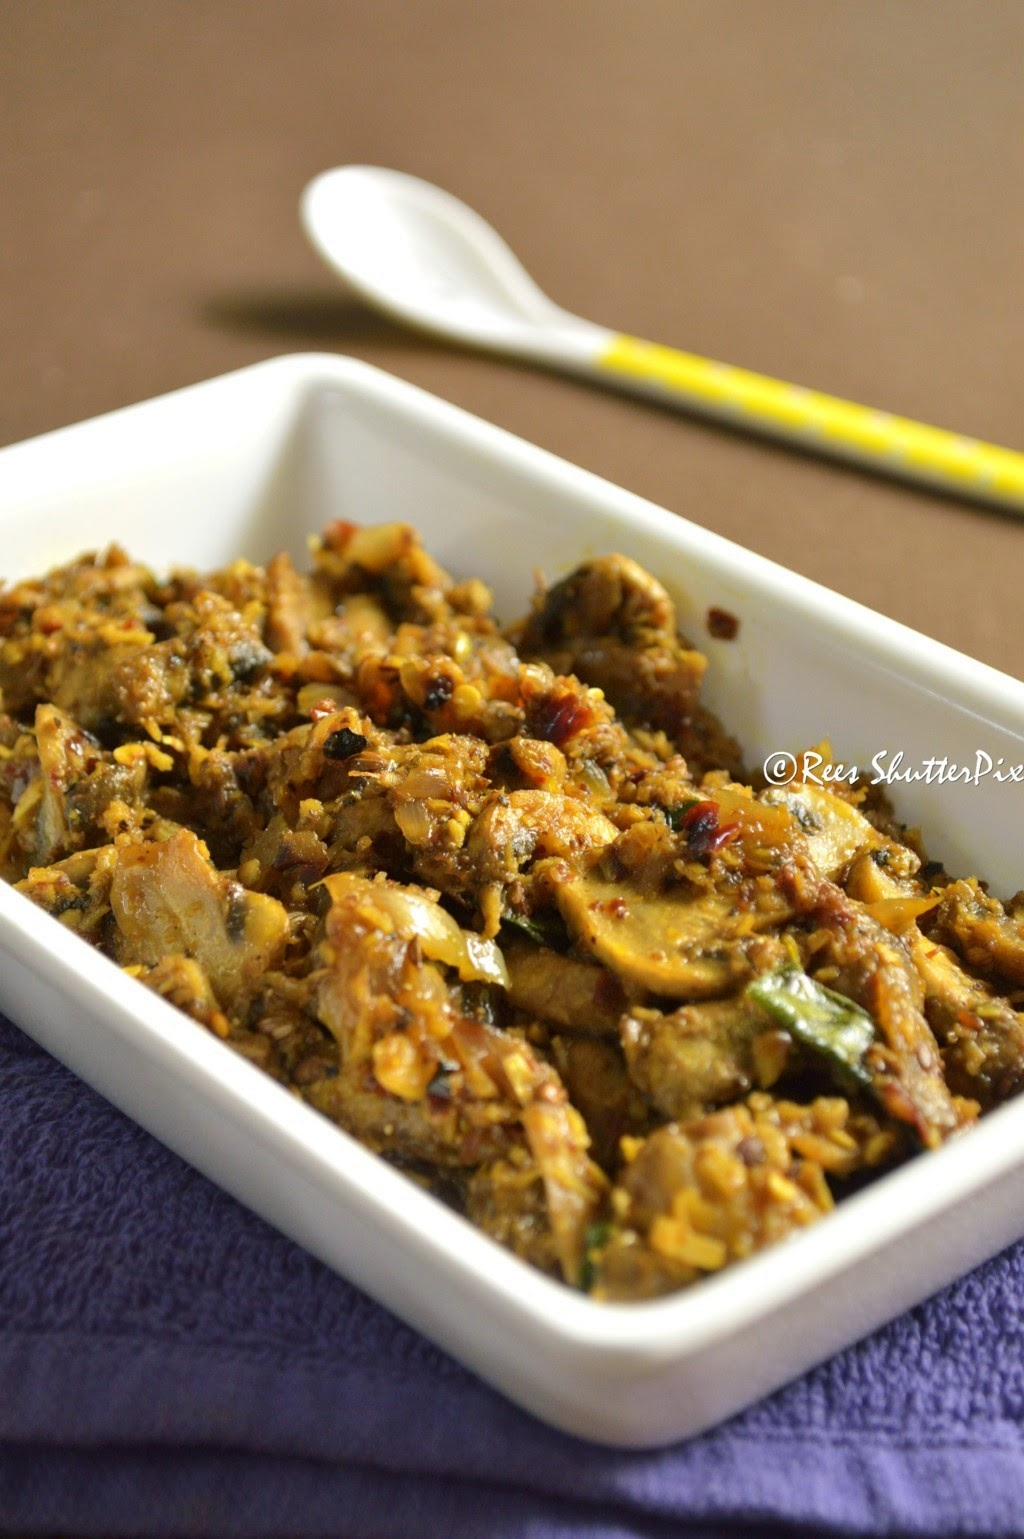 spicy mushroom sukka recipe, easy mushroom sukka recipe, mushroom sukka,easy mushroom recipes, vikas khanna recipe, fitfoodie vikas khanna mushroom recipe, dry mushroom sukka recipe, step by step picture mushroom recipe, mushroom dry recipe, mushroom recipes for chapathi,roti or rice,